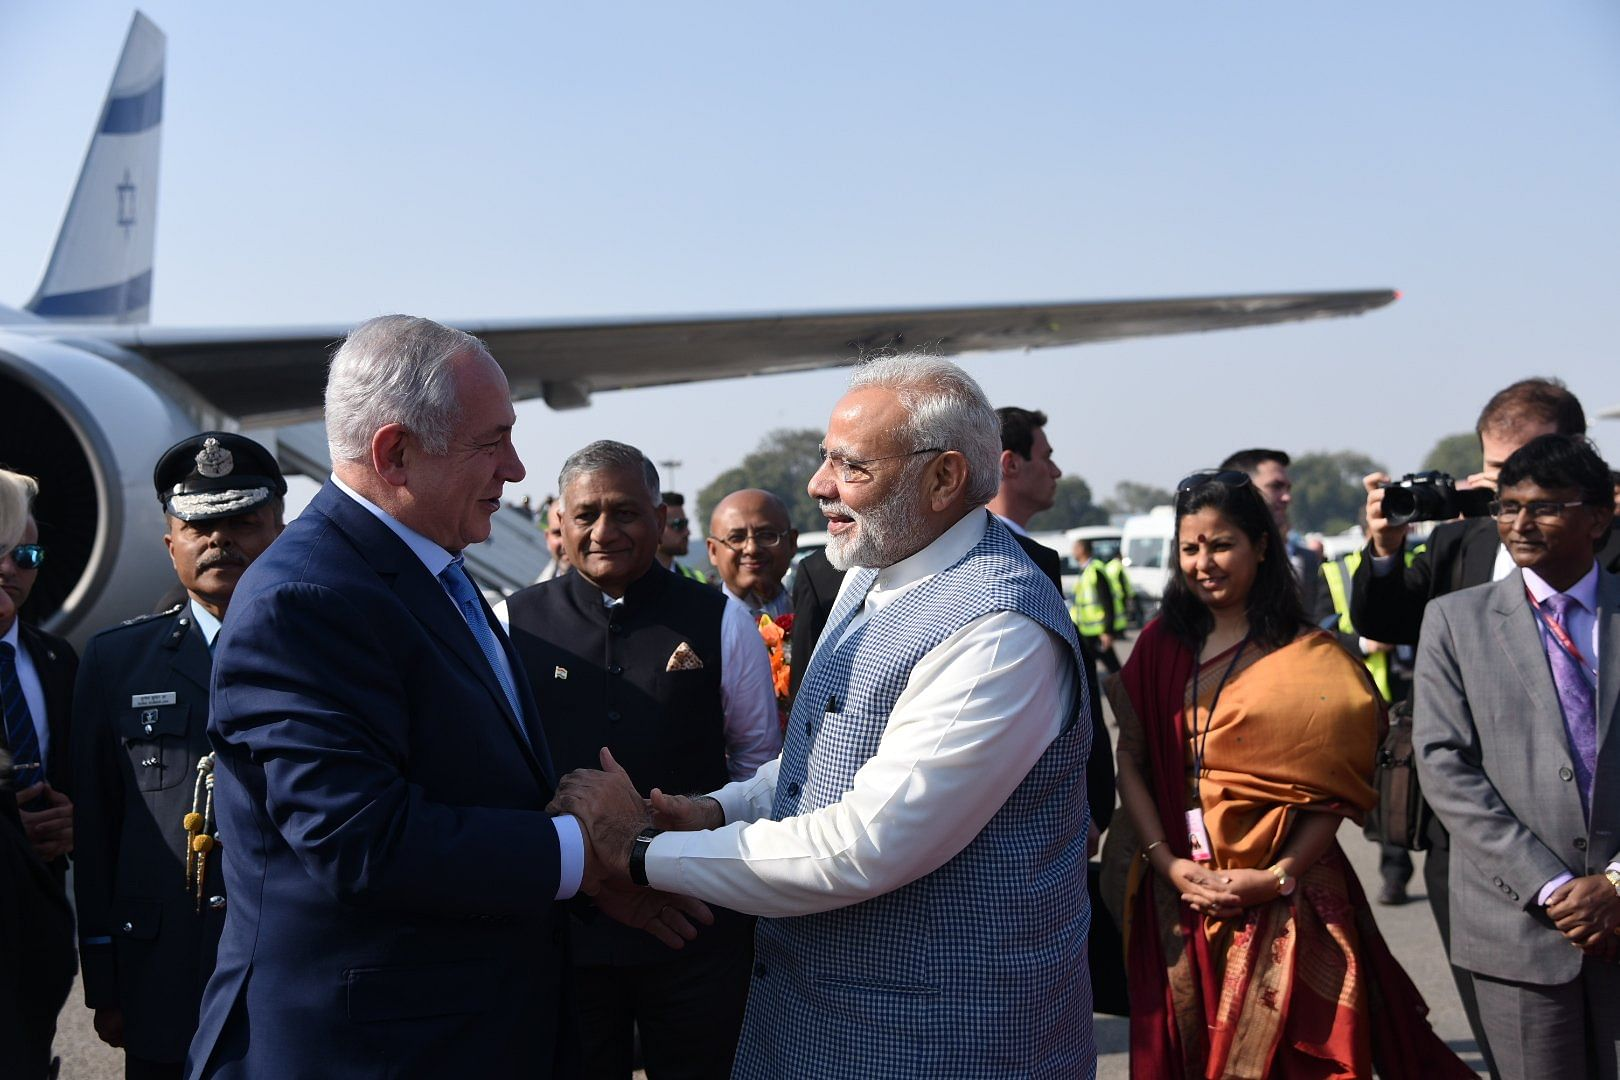 Indian Prime Minister Narendra Modi greeting his Israeli counterpart Benjamin Netanyahu in New Delhi. (Source: Twitter)